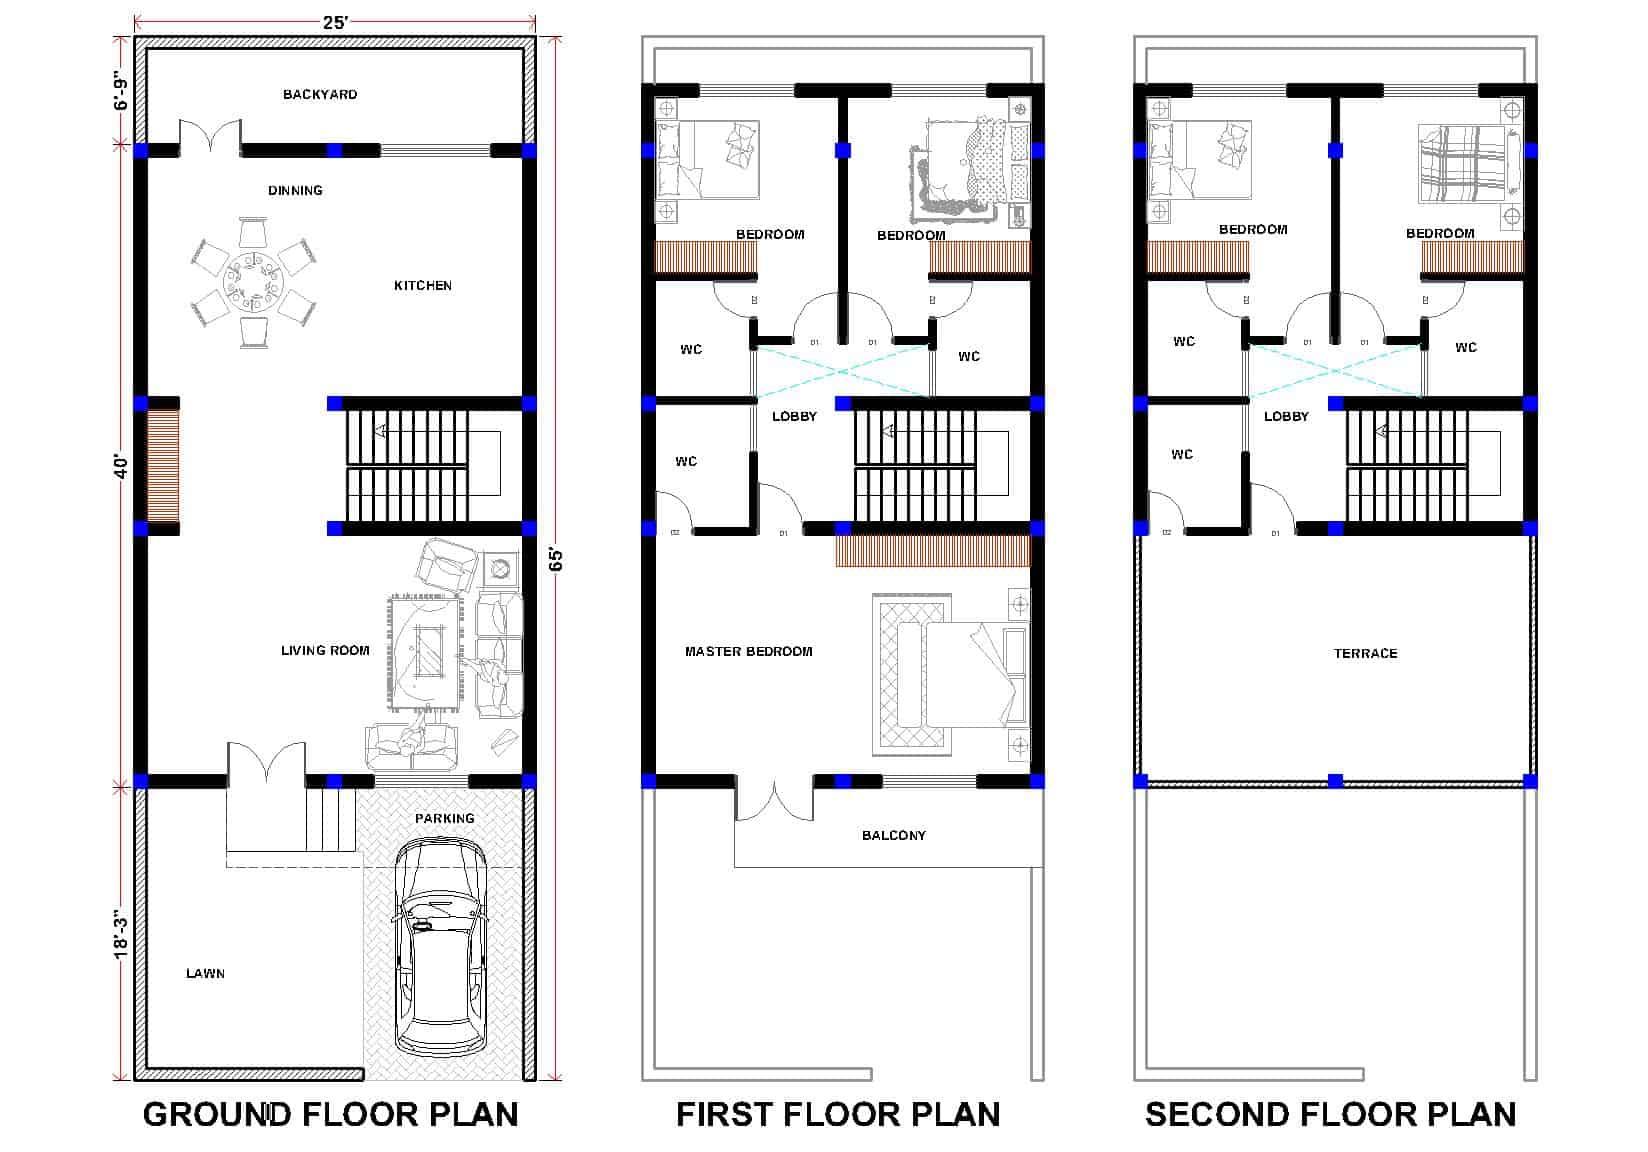 دانلود پروژه طراحی ساختمان مسکونی